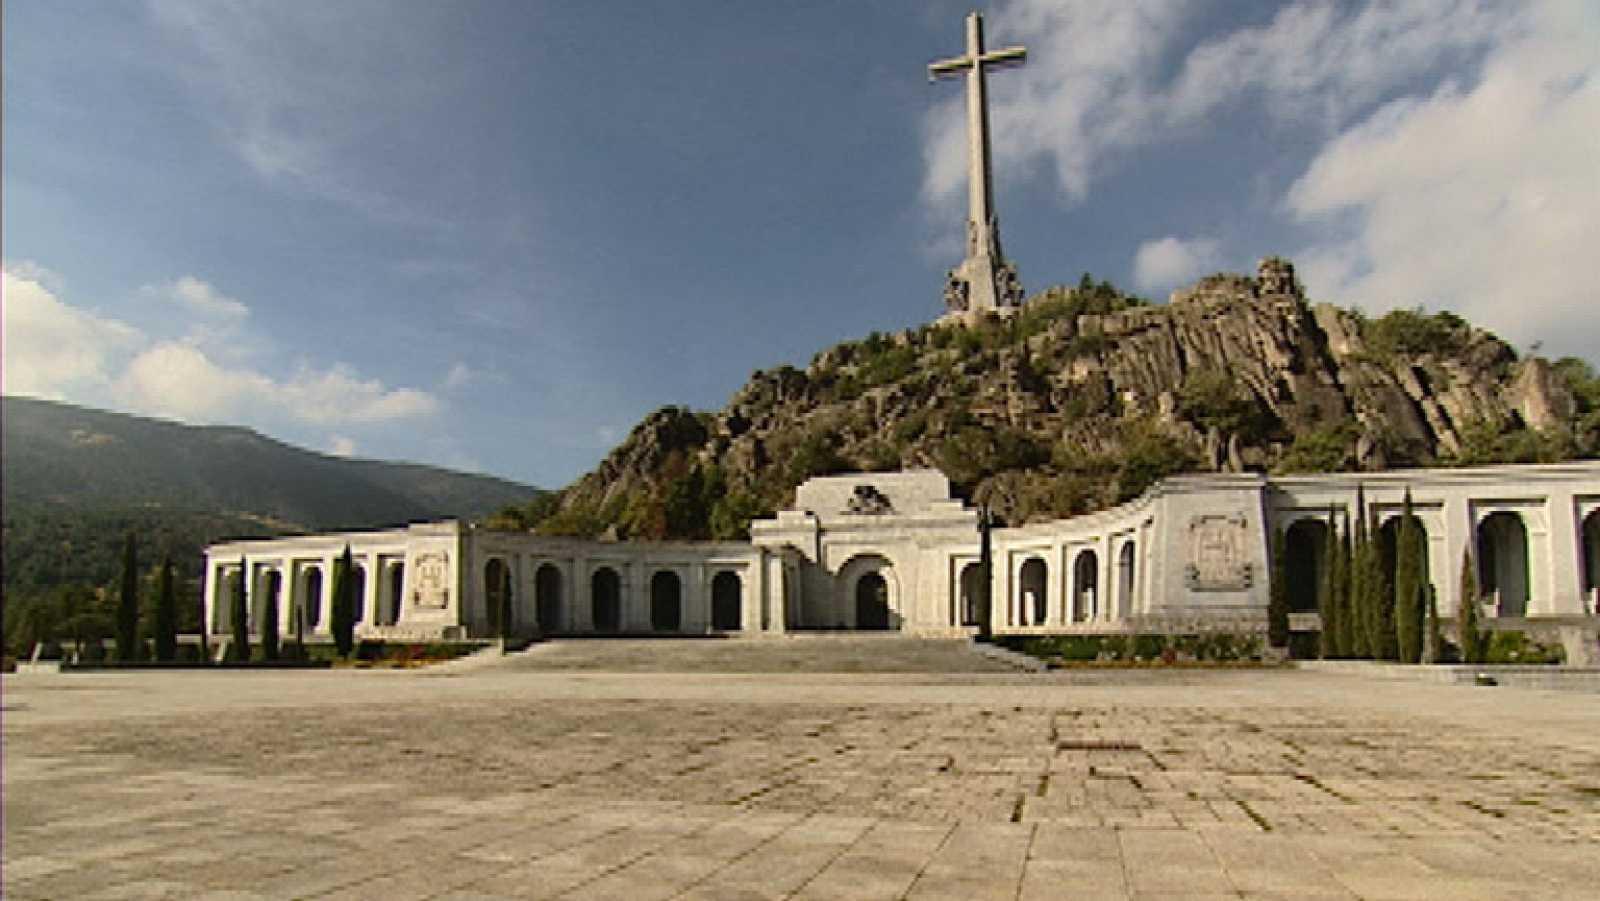 La comisión de expertos ha propuesto trasladar los restos de Franco